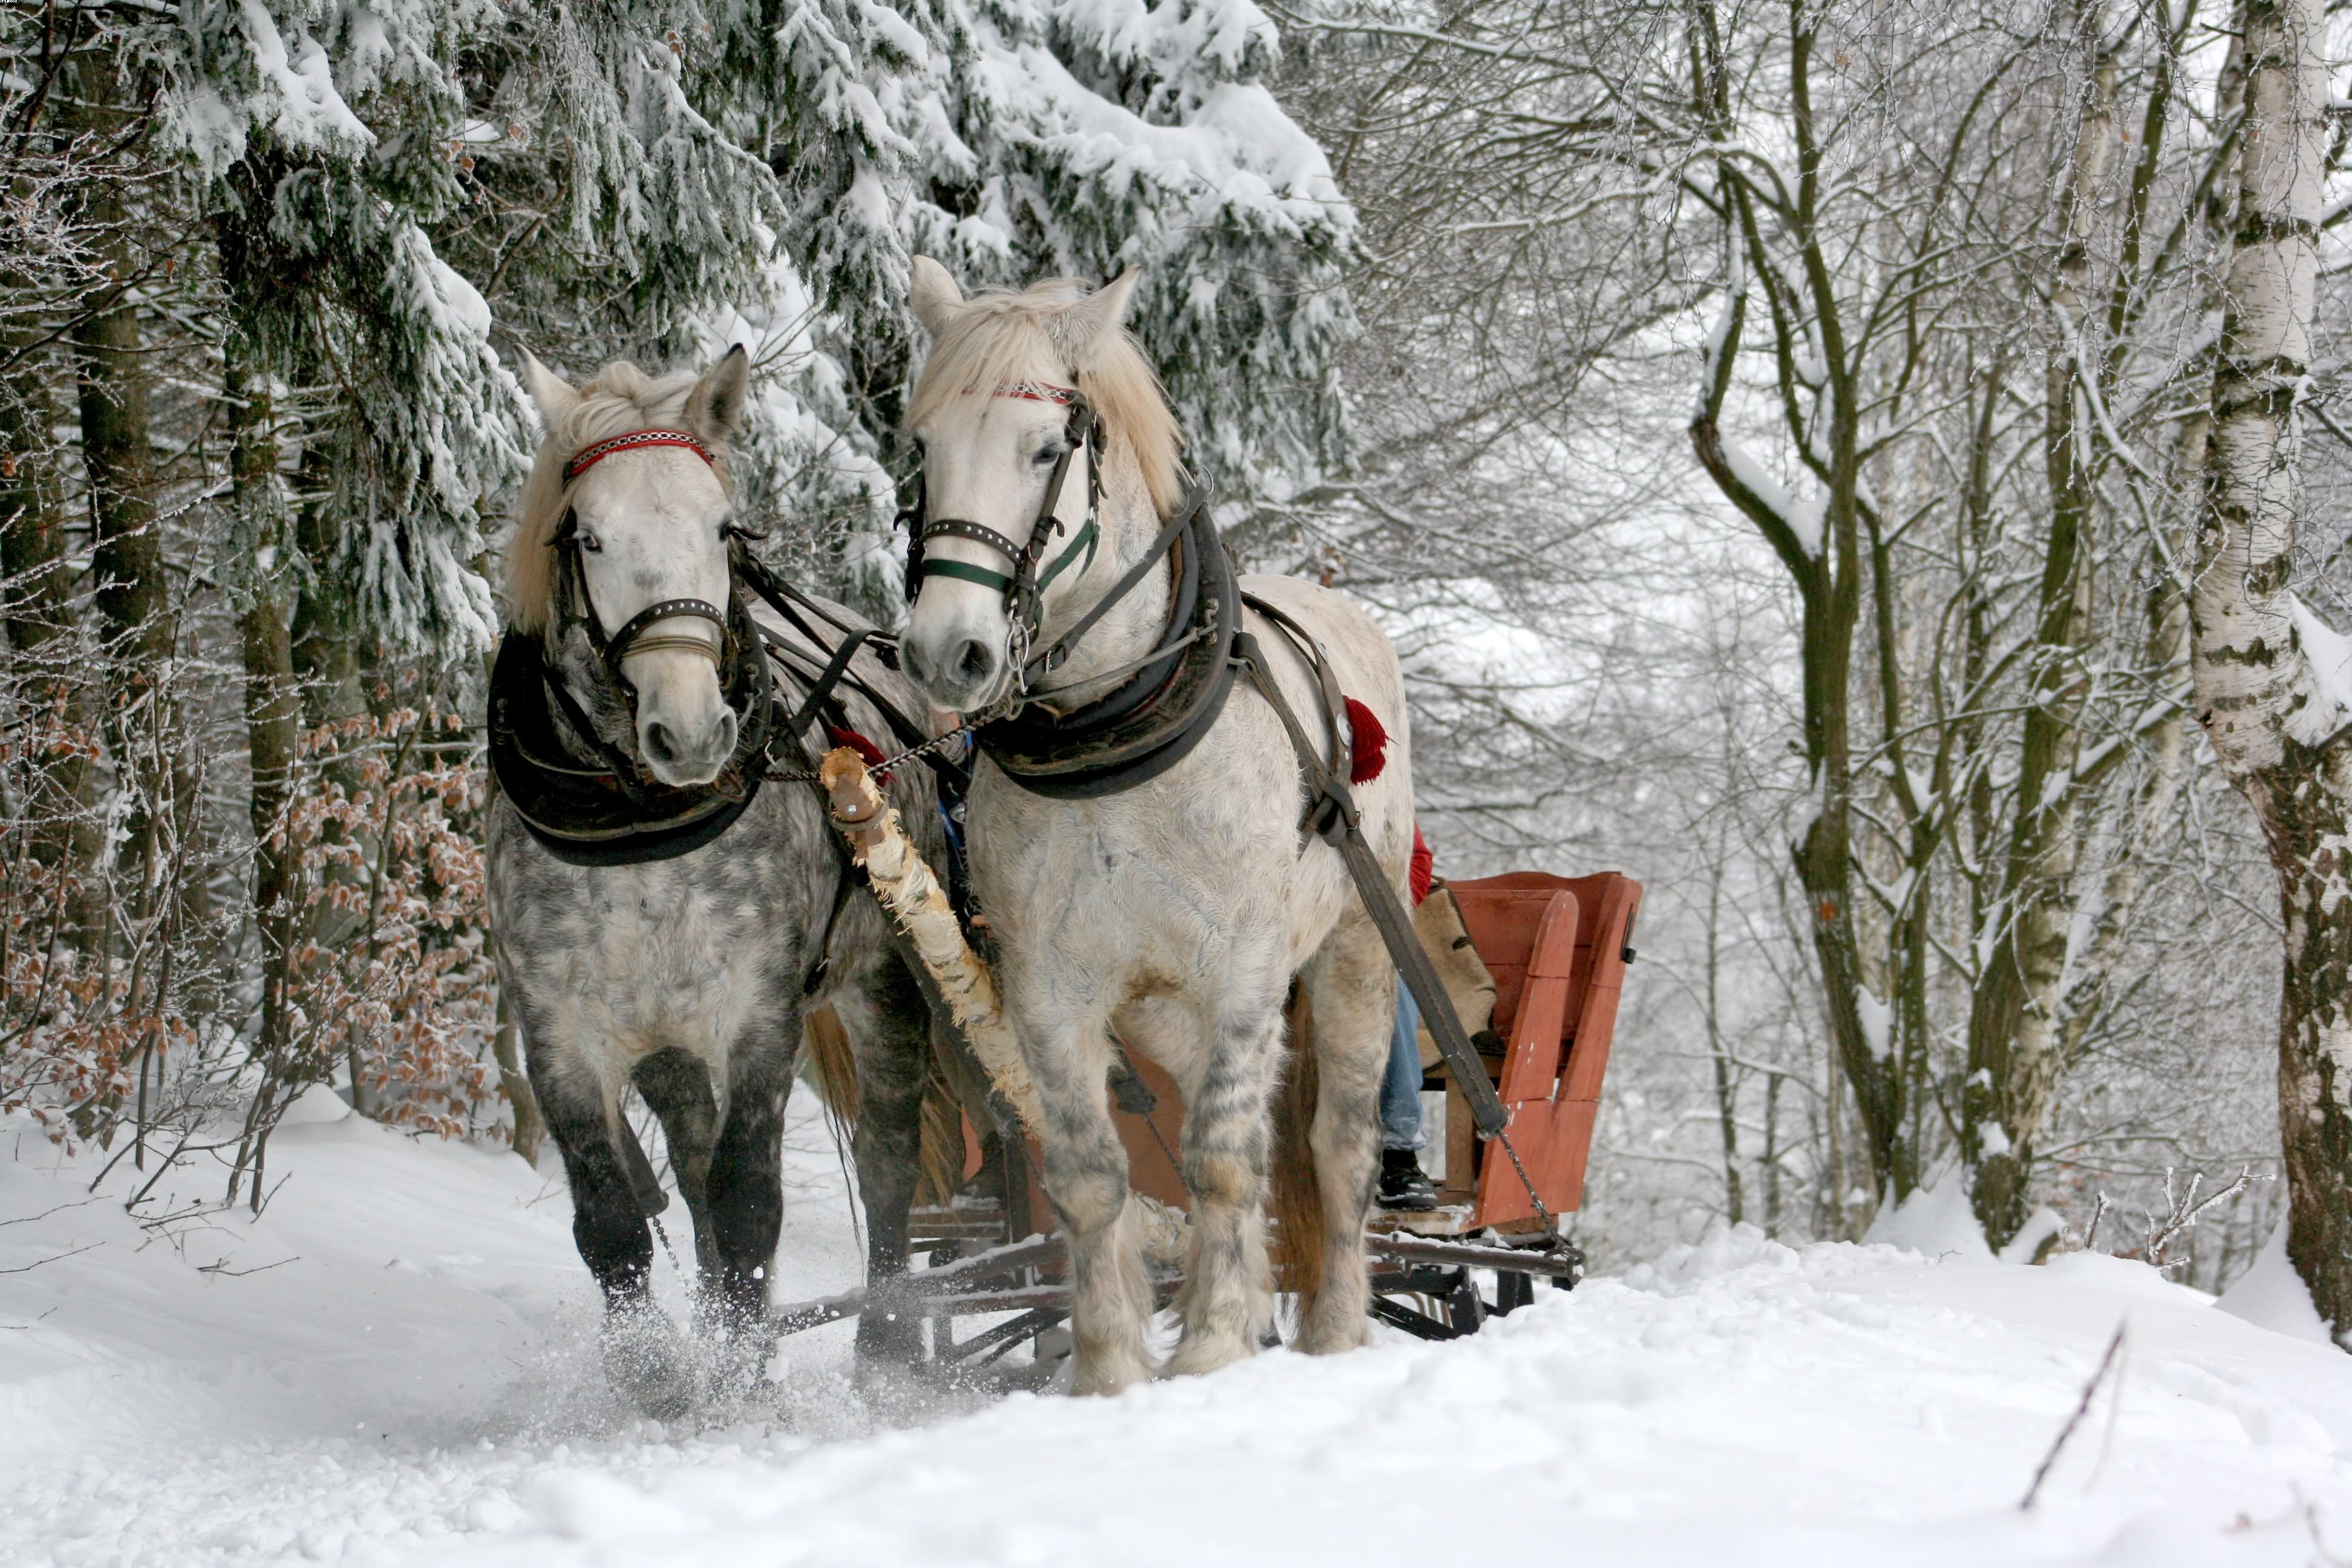 Horse-drawn sleigh ride